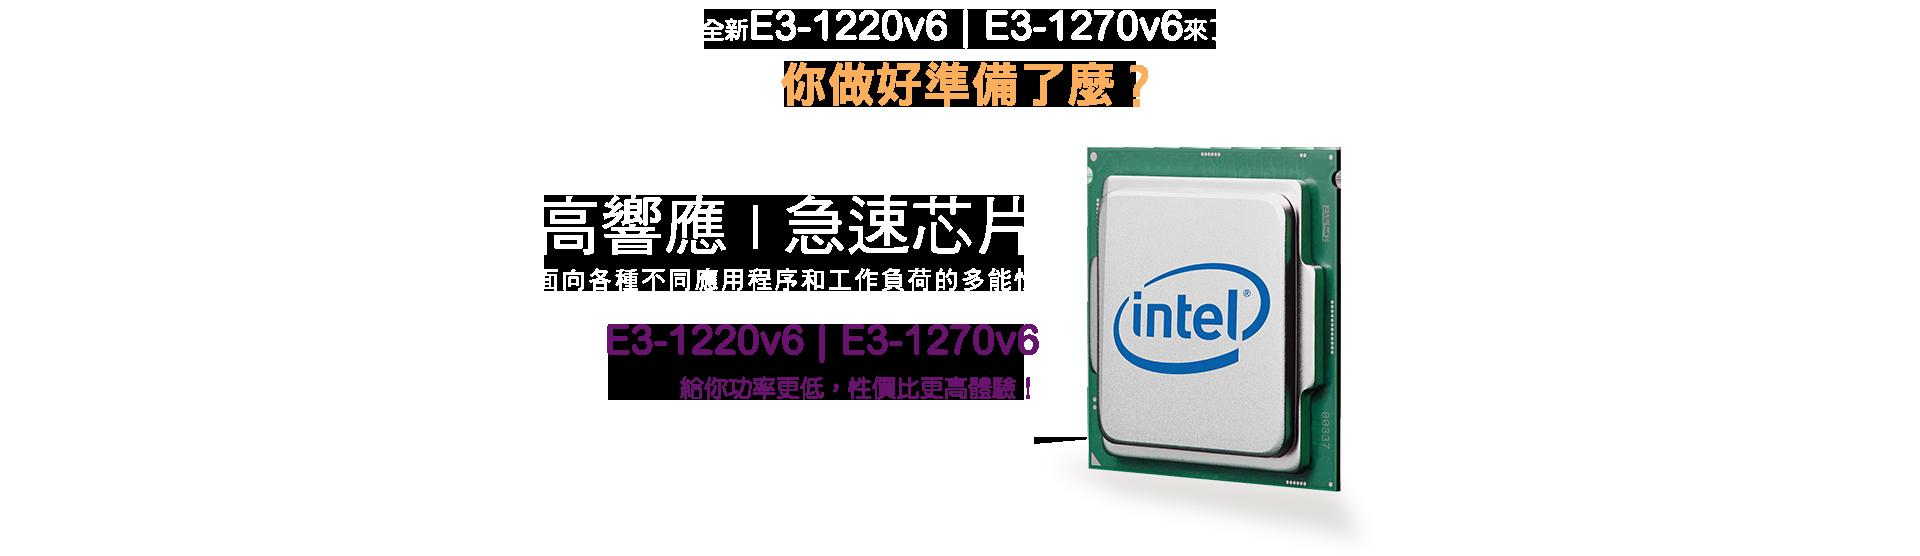 全新E3-1220v6 E3-1270v6來了 你做好準備了麼? 高響應,急速芯片 面向各種不同應用程序和工作負荷的多能性 E3 - 1220v6 E3-1270v6 給你功率更低,性價比更高體驗!